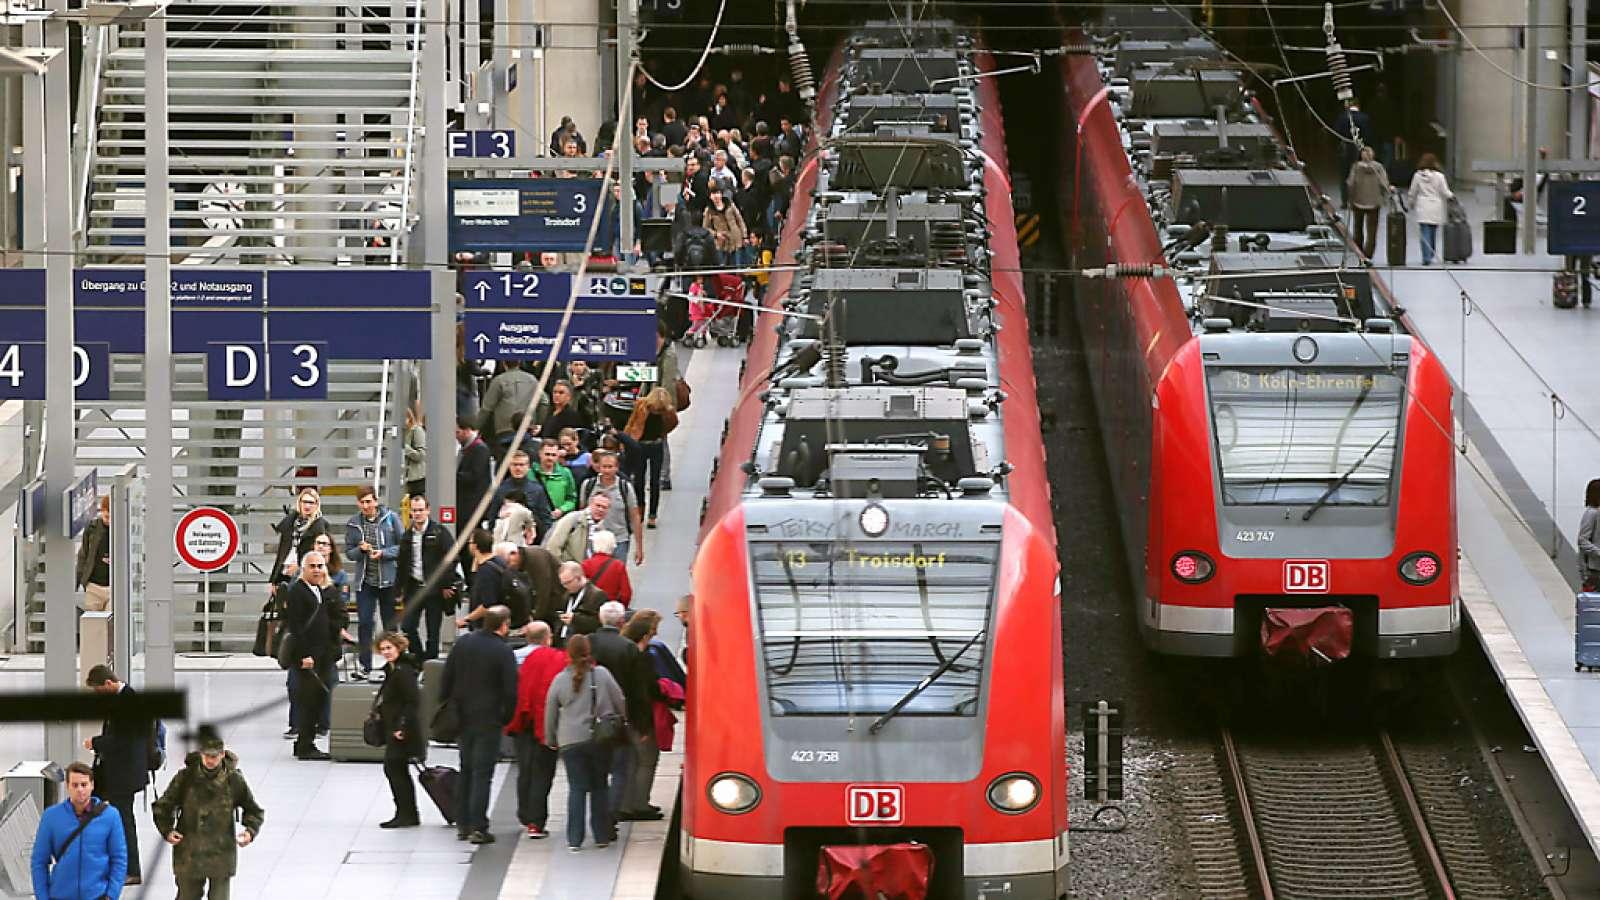 Der deutsche Arbeitsmarkt zieht an: Die Deutsche Bahn sucht mit einer neun Kampagne händeringend nach neuen Mitarbeitern.